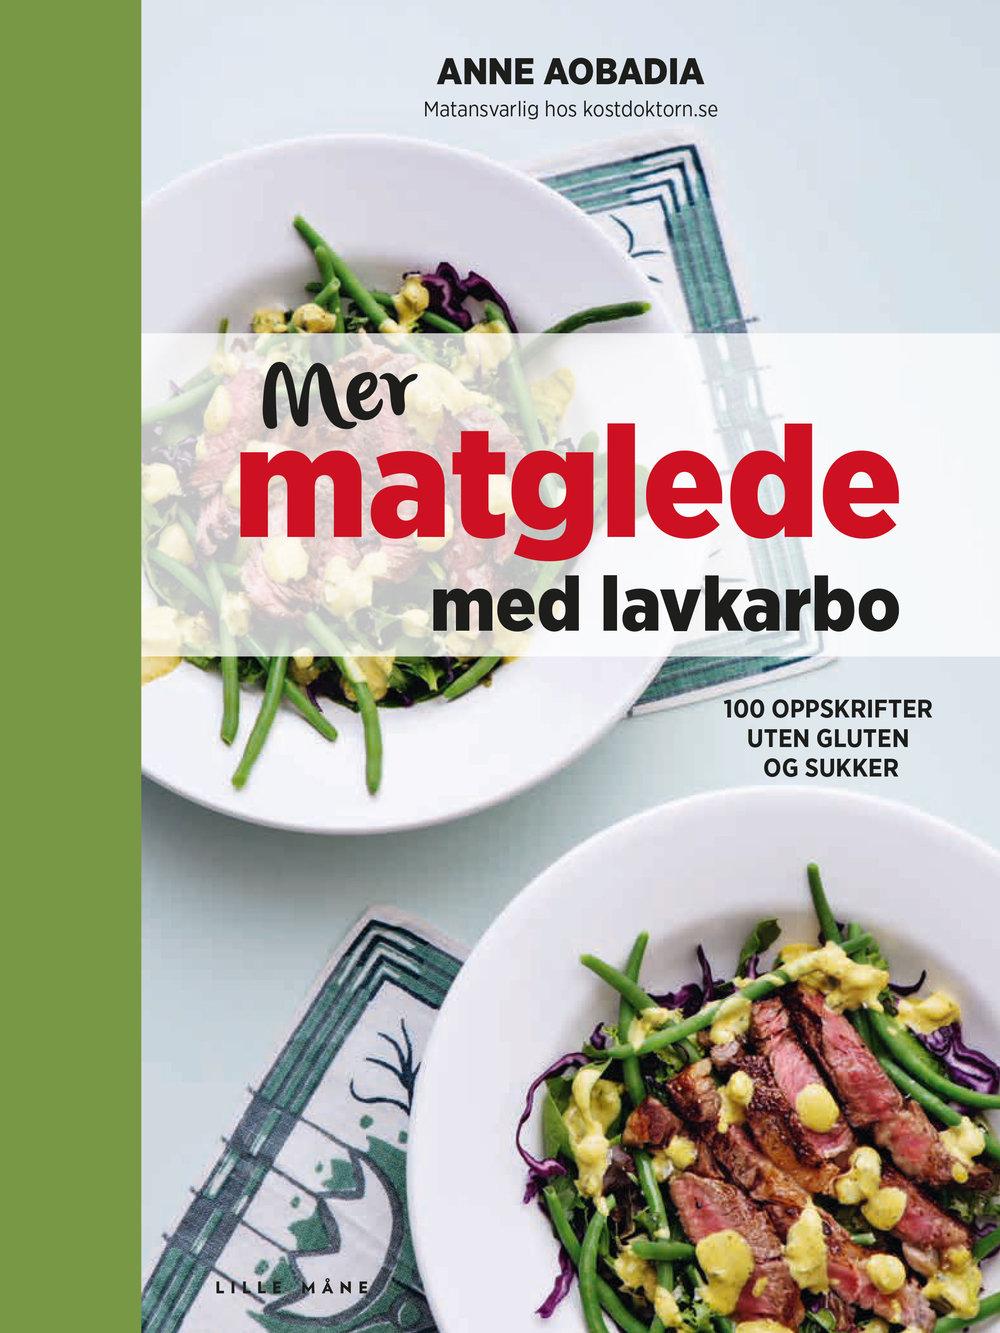 Mer matglede med lavkarbo - av Anne AobadiaVil du ha et slankende kosthold, men samtidig bevare matgleden? Alle kan finne en lavkarbovariant som passer!Med lavkarbo blir det lett å lage sunn mat! Denne oppskriftsboken gir deg alle verktøyene du trenger, og 100 oppskrifter på små og store måltider. Det du slipper i denne kokeboken er gluten og tilsetningsstoffer. Her lærer du hvor lett det kan gjøres å lage mat som hjelper deg med vekten og samtidig gir deg god helse. Mer matglede med lavkarbo er en flott og inspirerende kokebok som vil gi deg lettlaget, sunn og slankende mat!